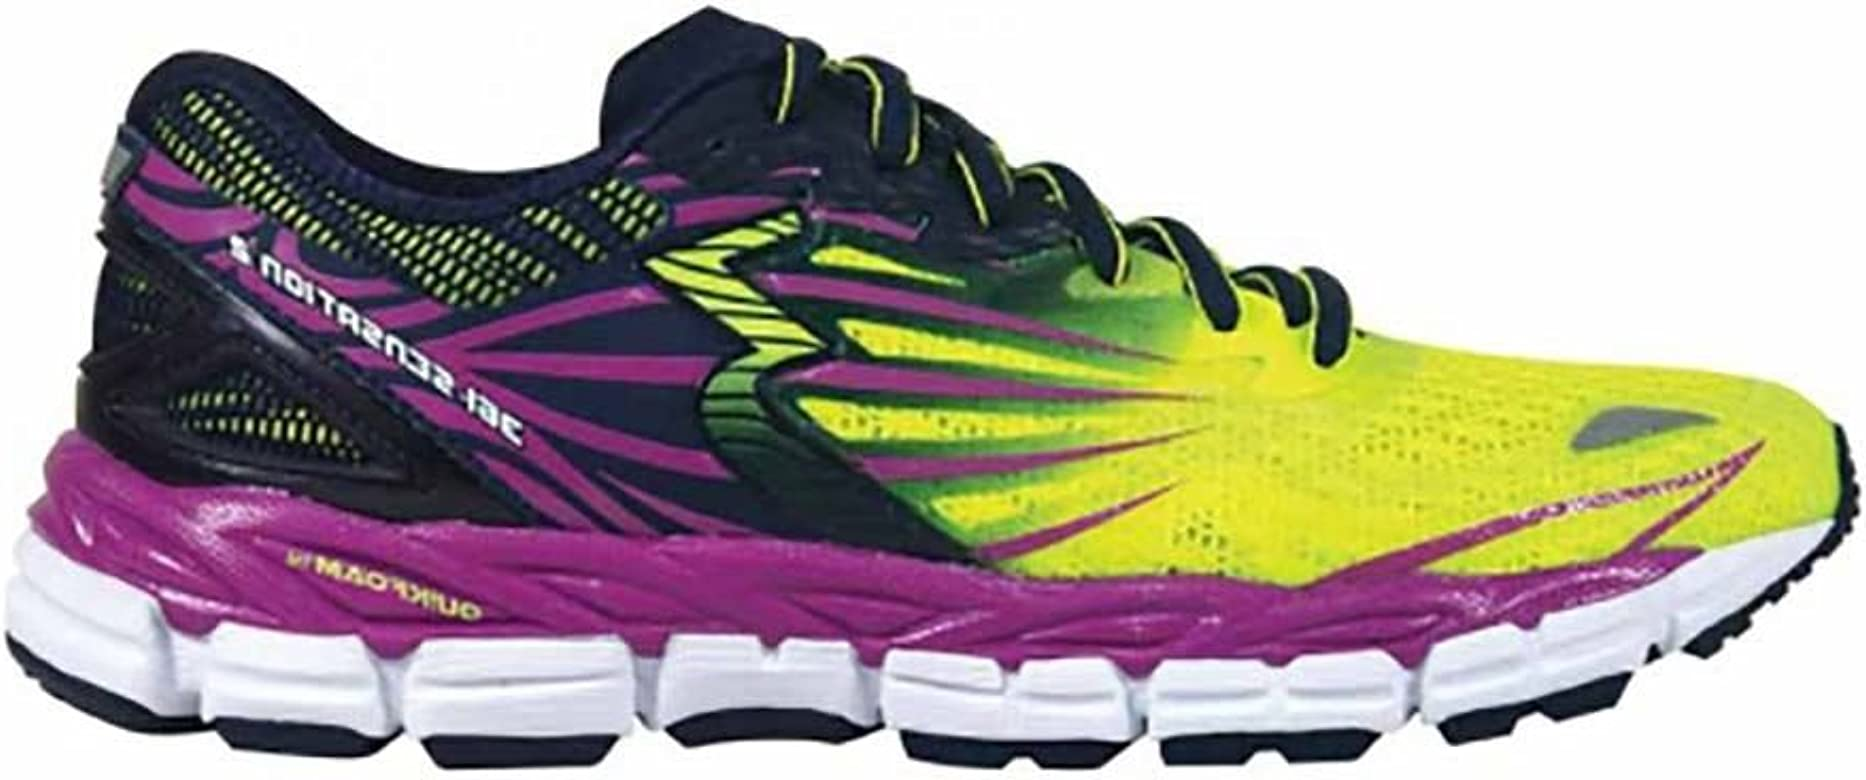 361 ° Mujer/Mujeres para Correr/Running Zapatos/Estabilidad/Turnschuh Sensation 2, Talla 39.5 (US 8/cm 25), Spark/Crush, y751 – 9096: MainApps: Amazon.es: Zapatos y complementos